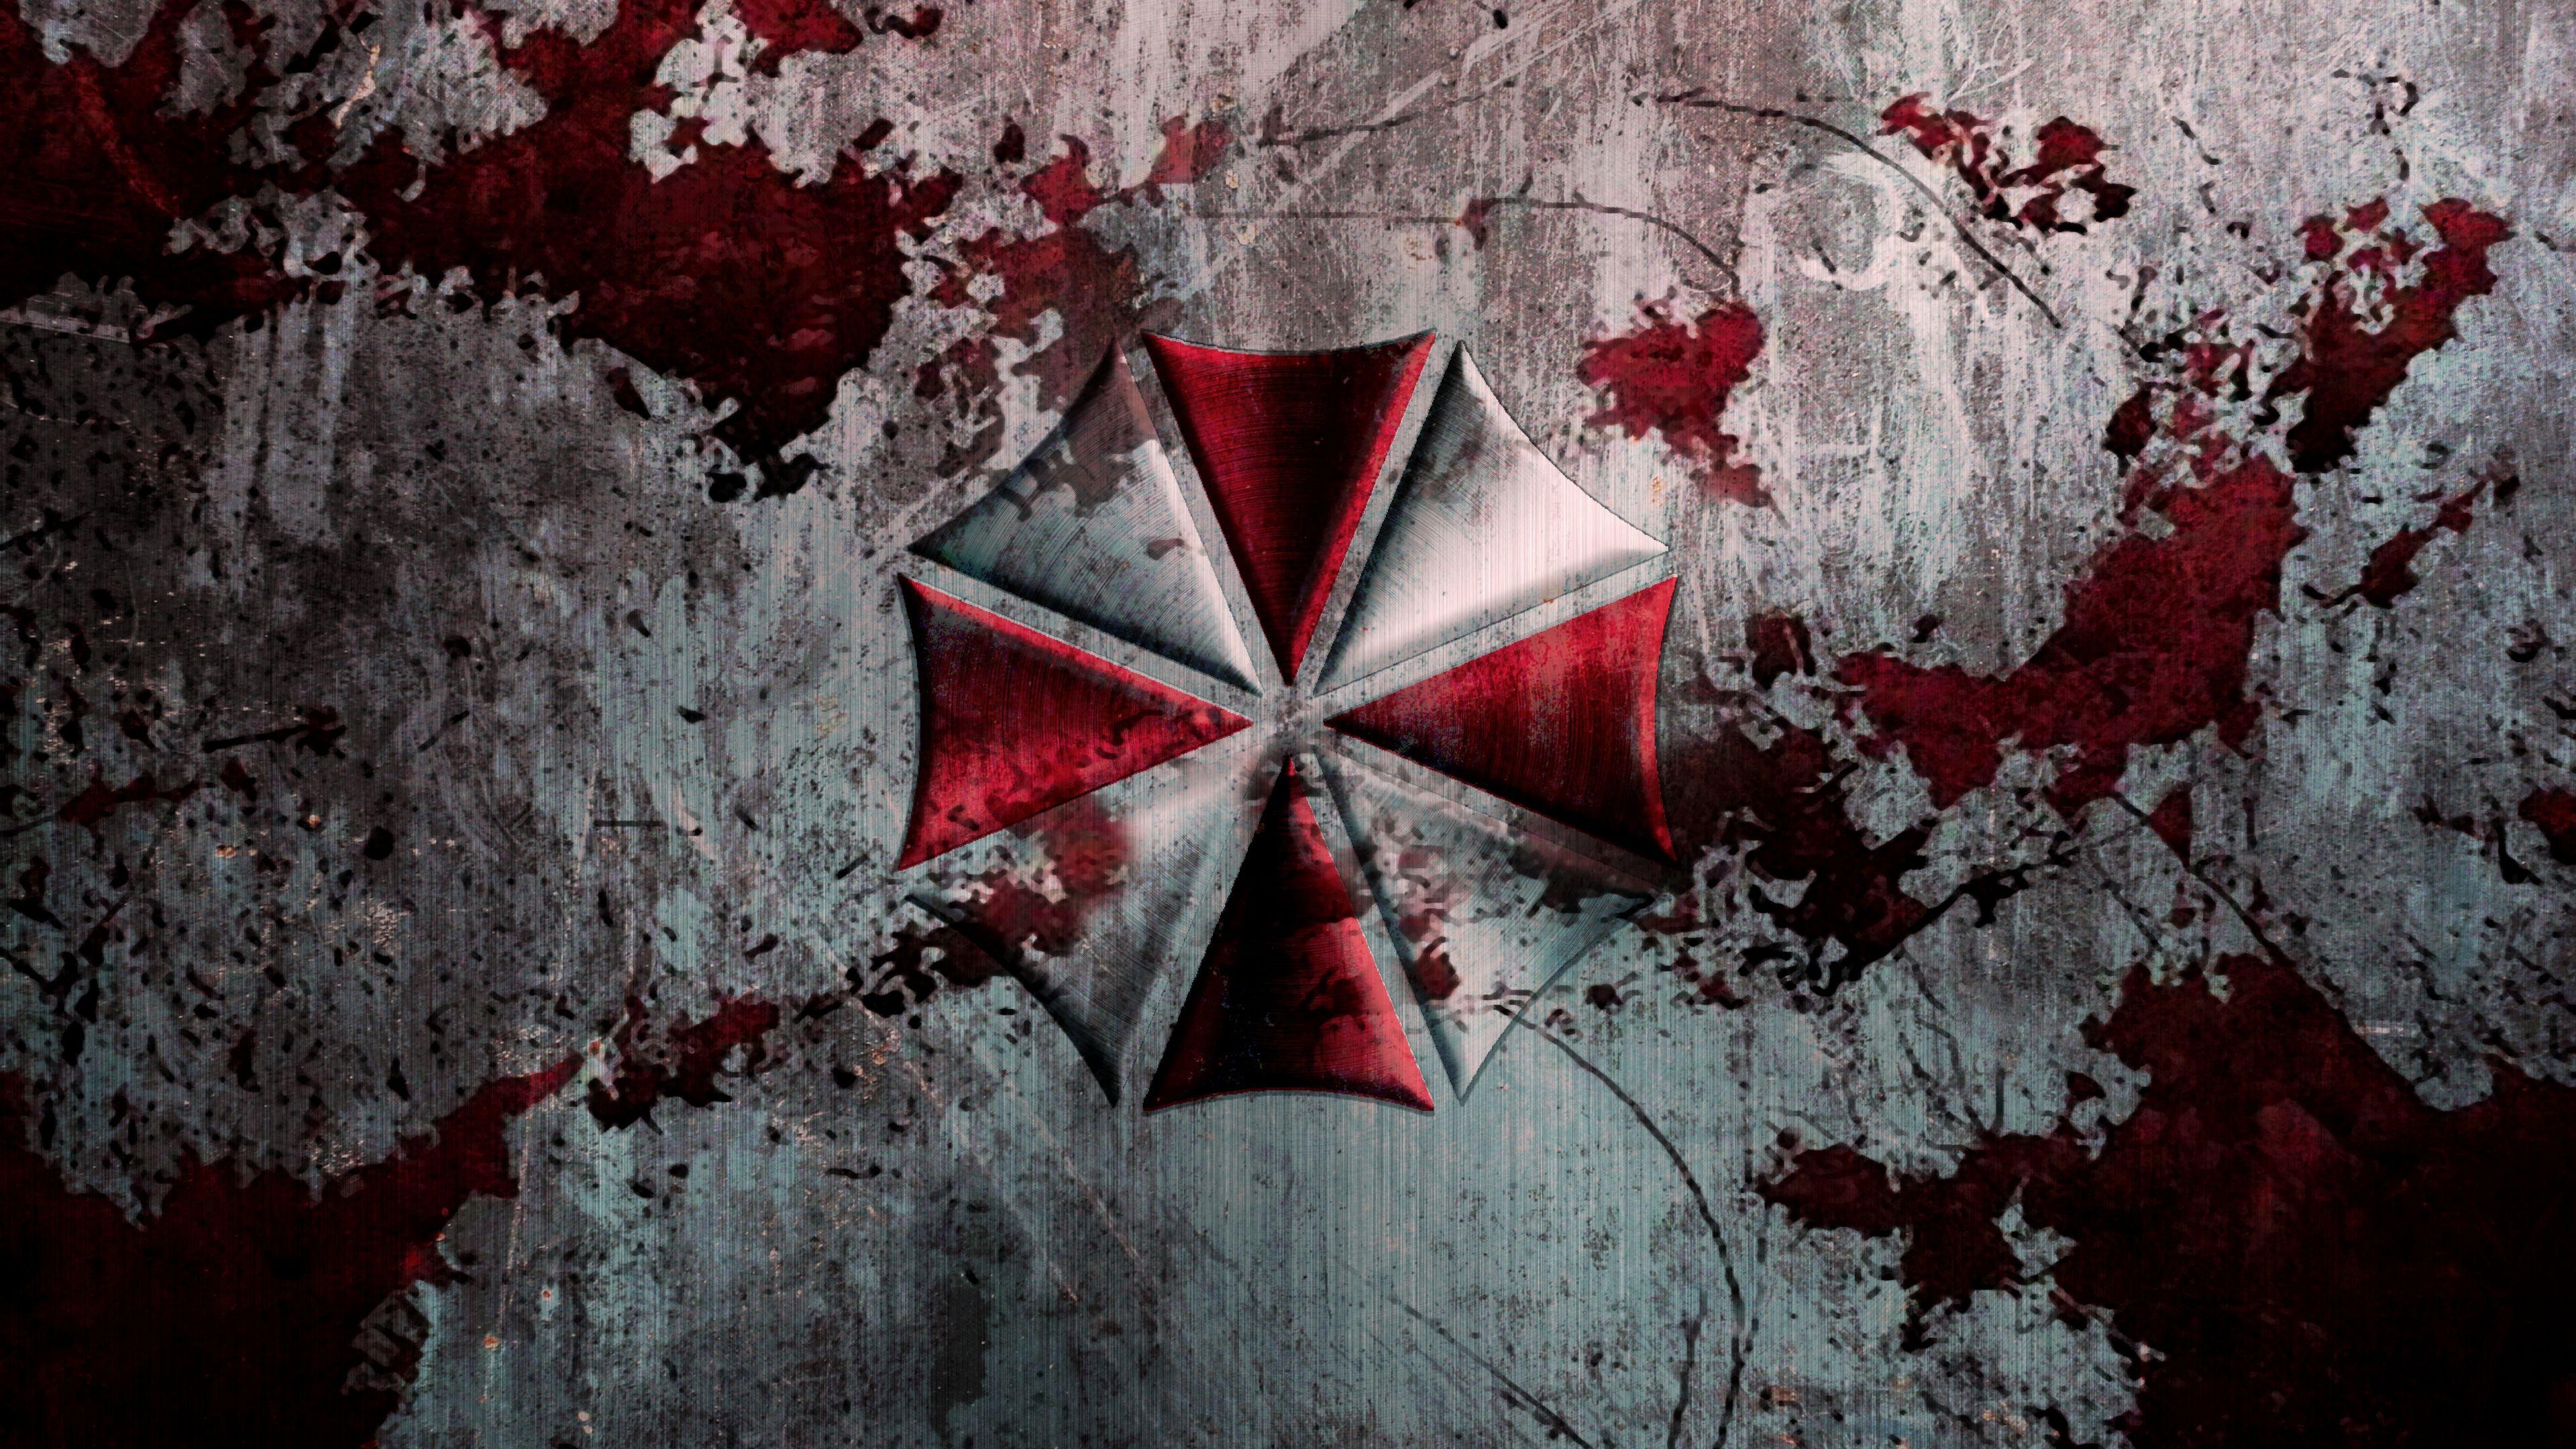 Wallpaper 3840x2160 Resident Evil Umbrella Corporation 4k Ultra Hd Hd Resident Evil Movie Resident Evil Game Resident Evil